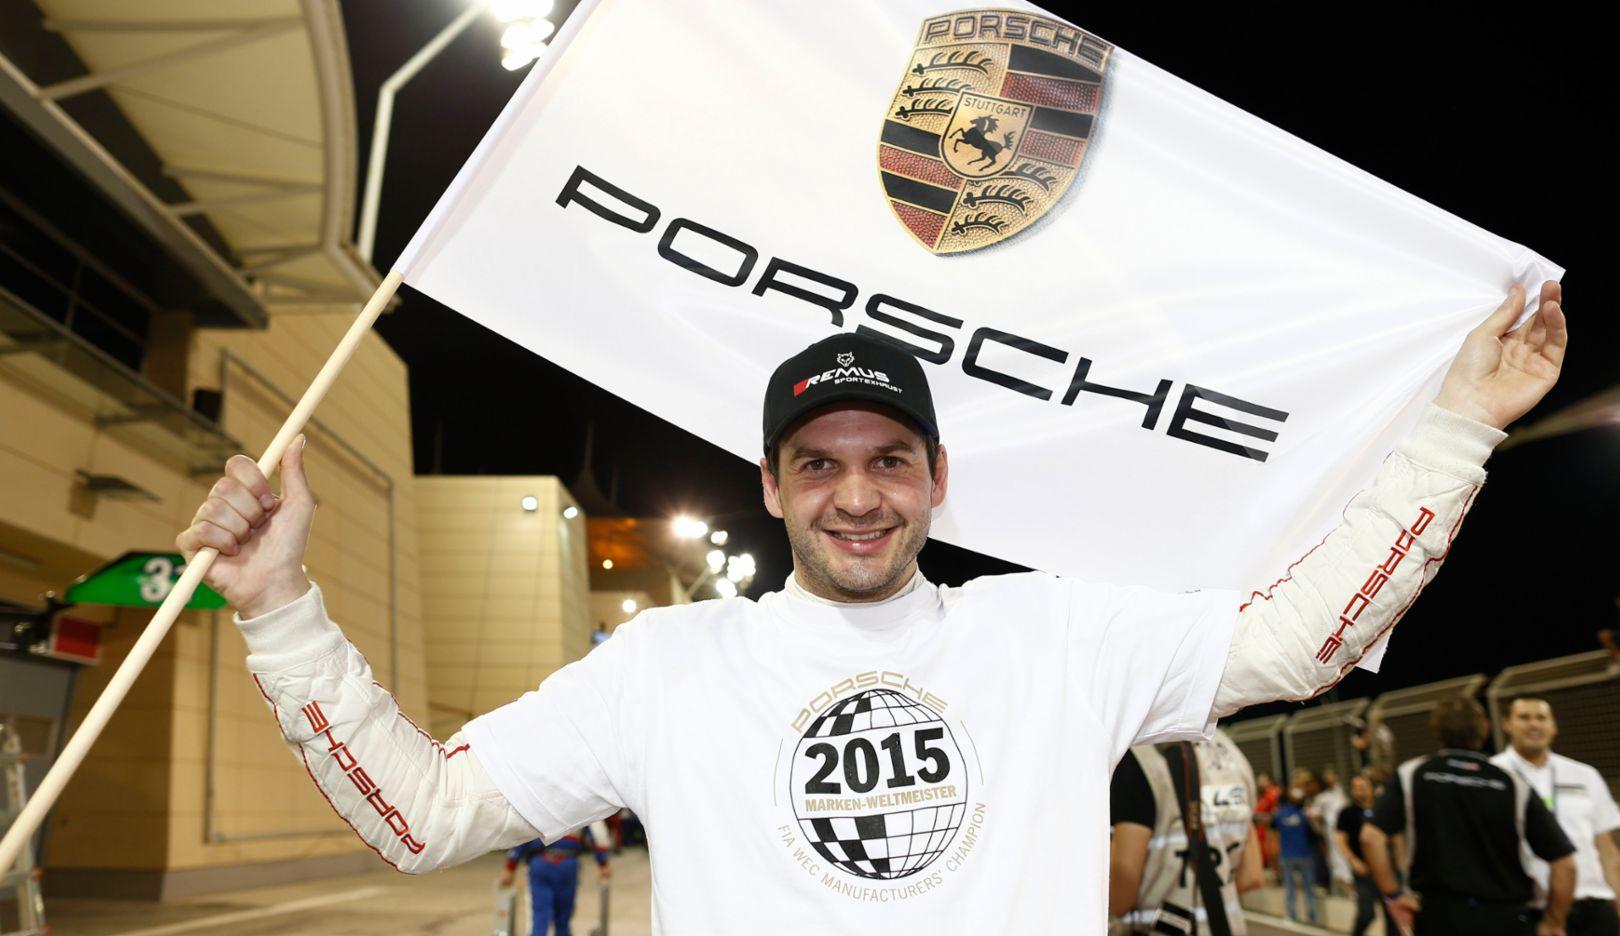 Richard Lietz, 2015, Porsche AG